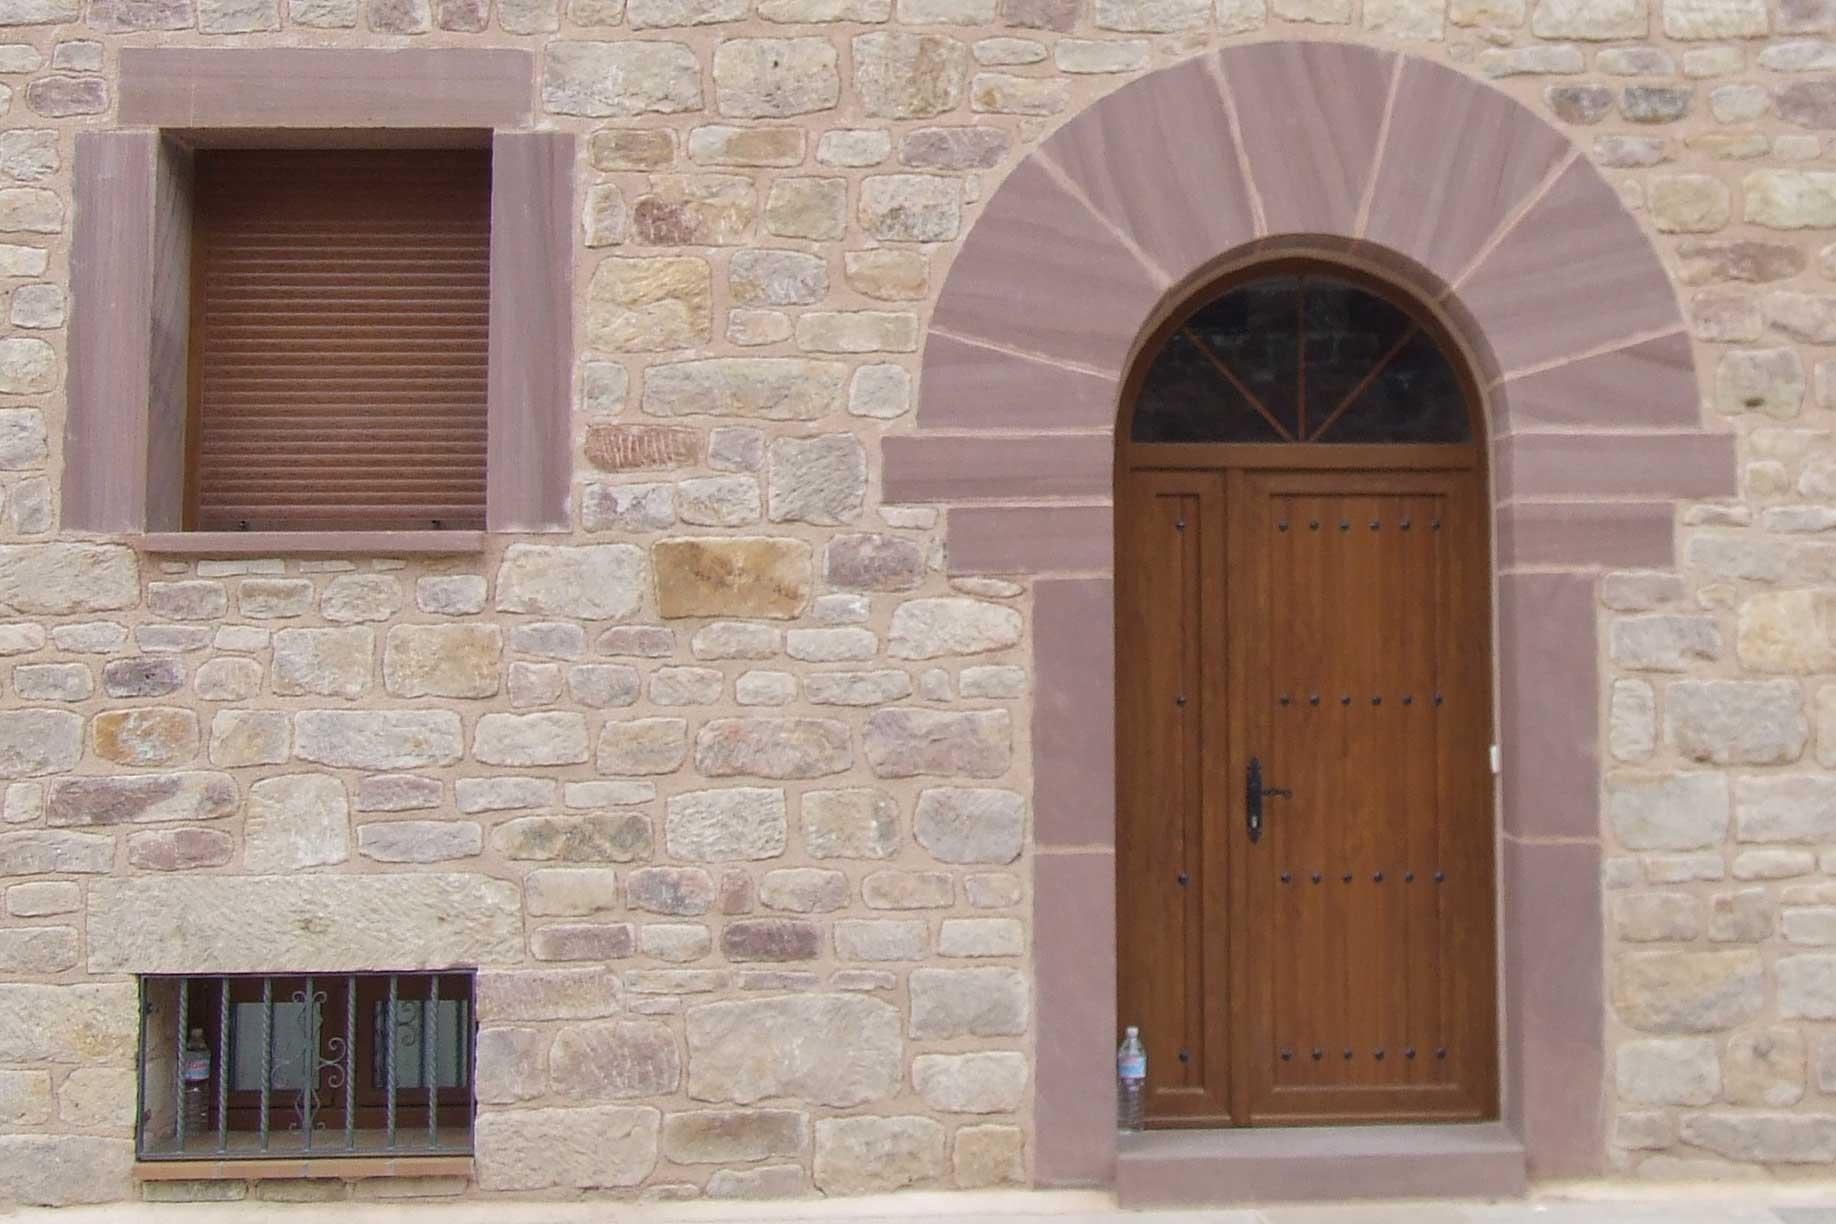 Detalles de la fachada con juego de contrastes